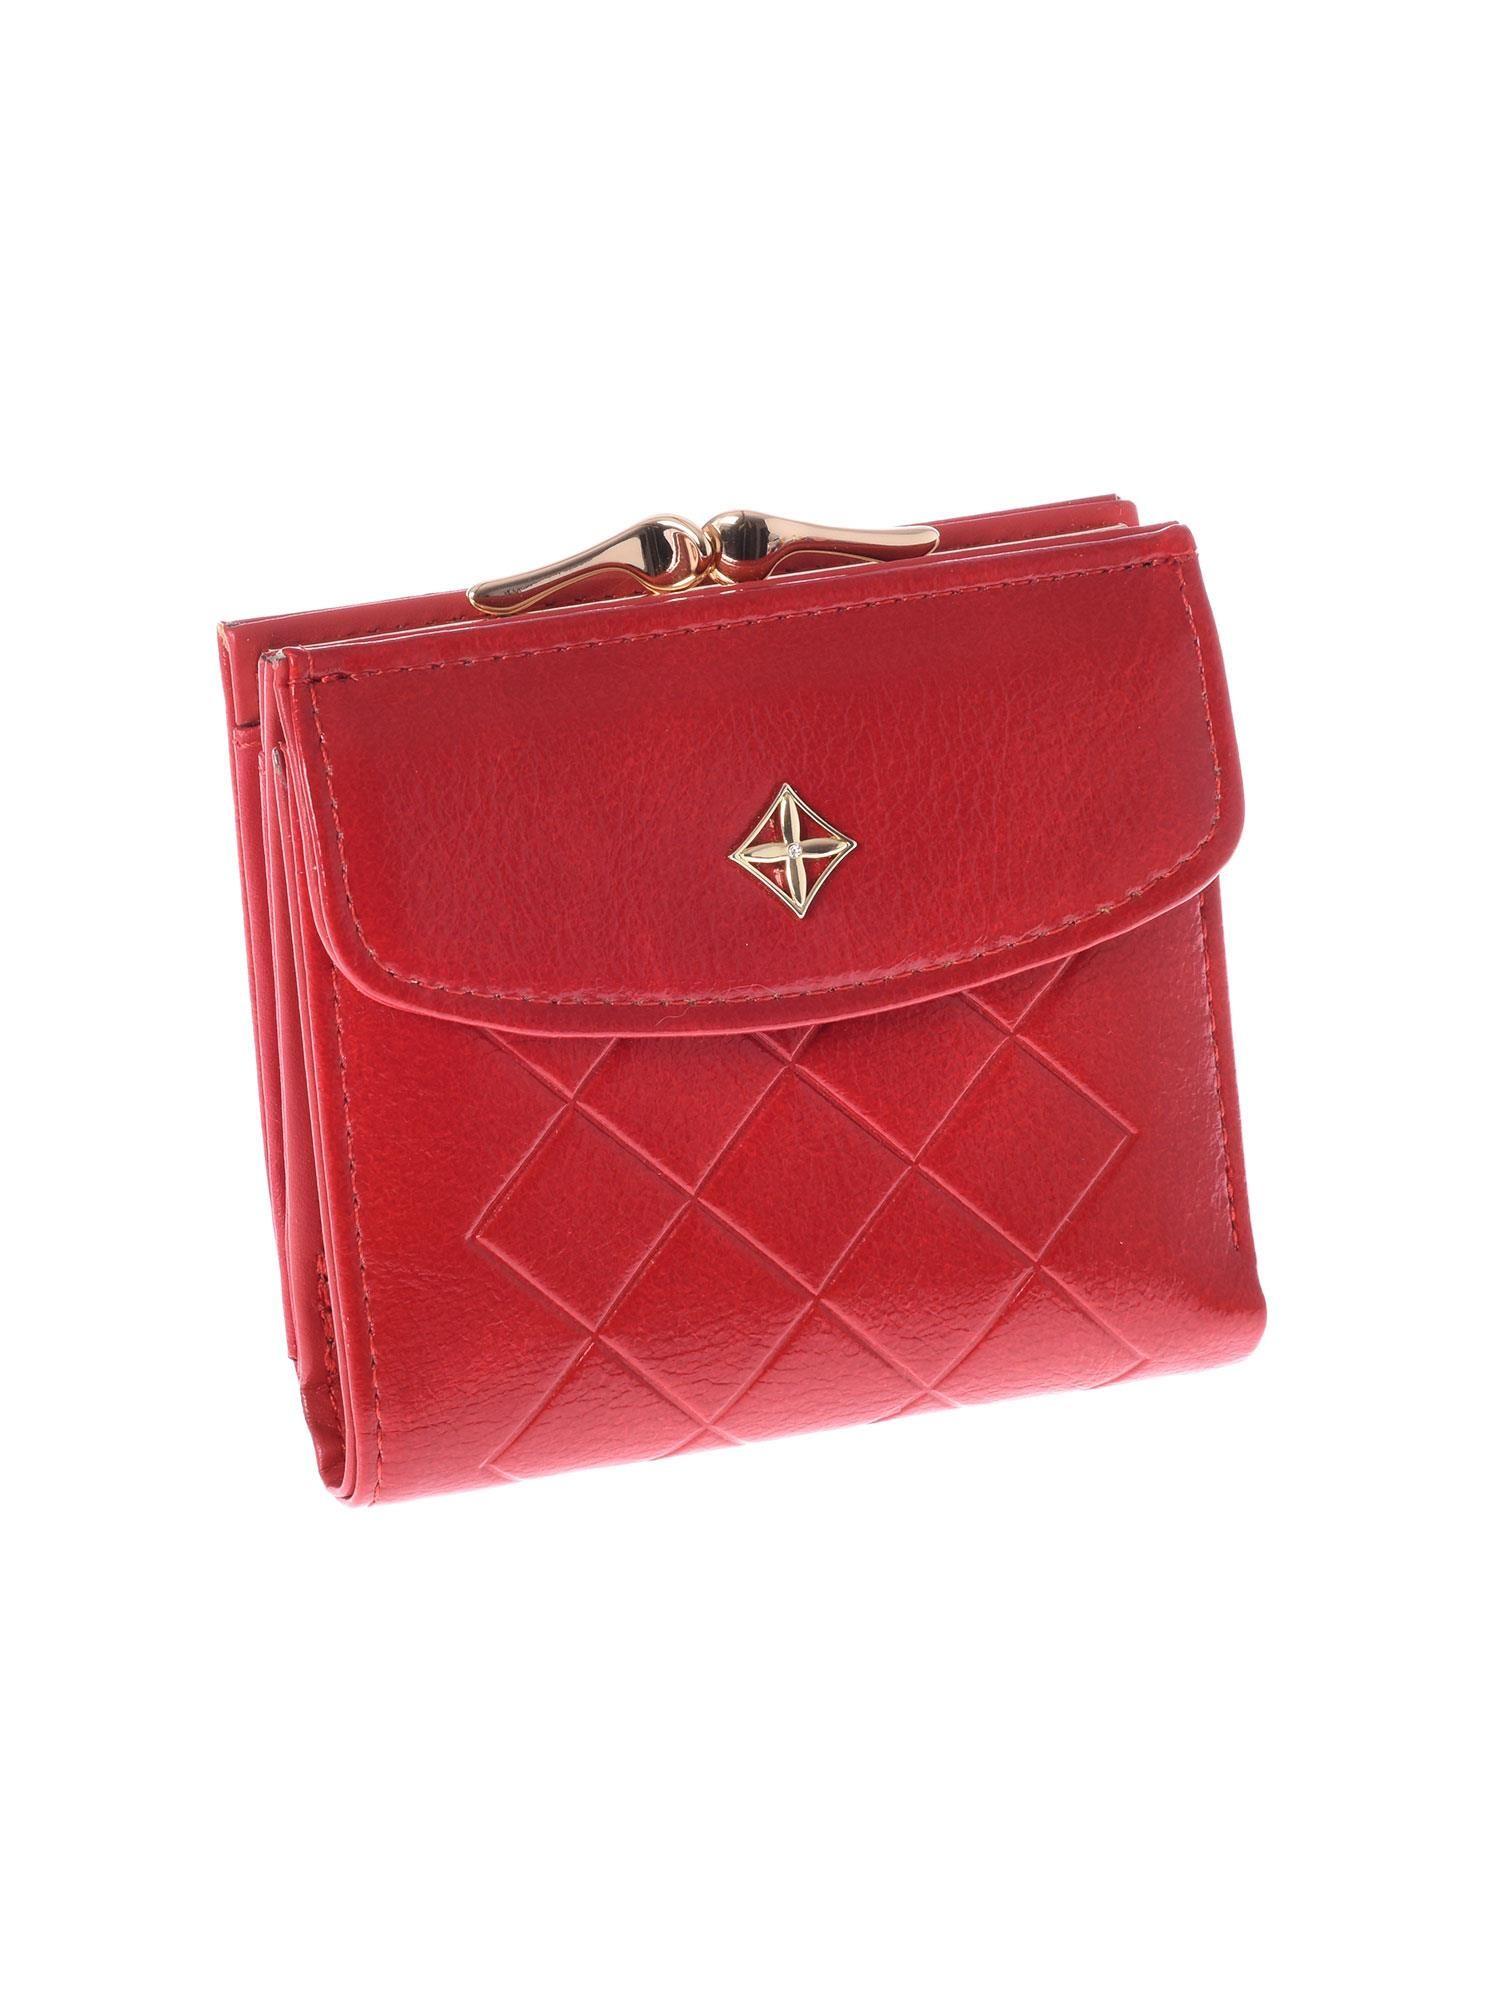 d32d1abe096d5 Mały elegancki czerwony portfel damski na bigiel - Akcesoria ...